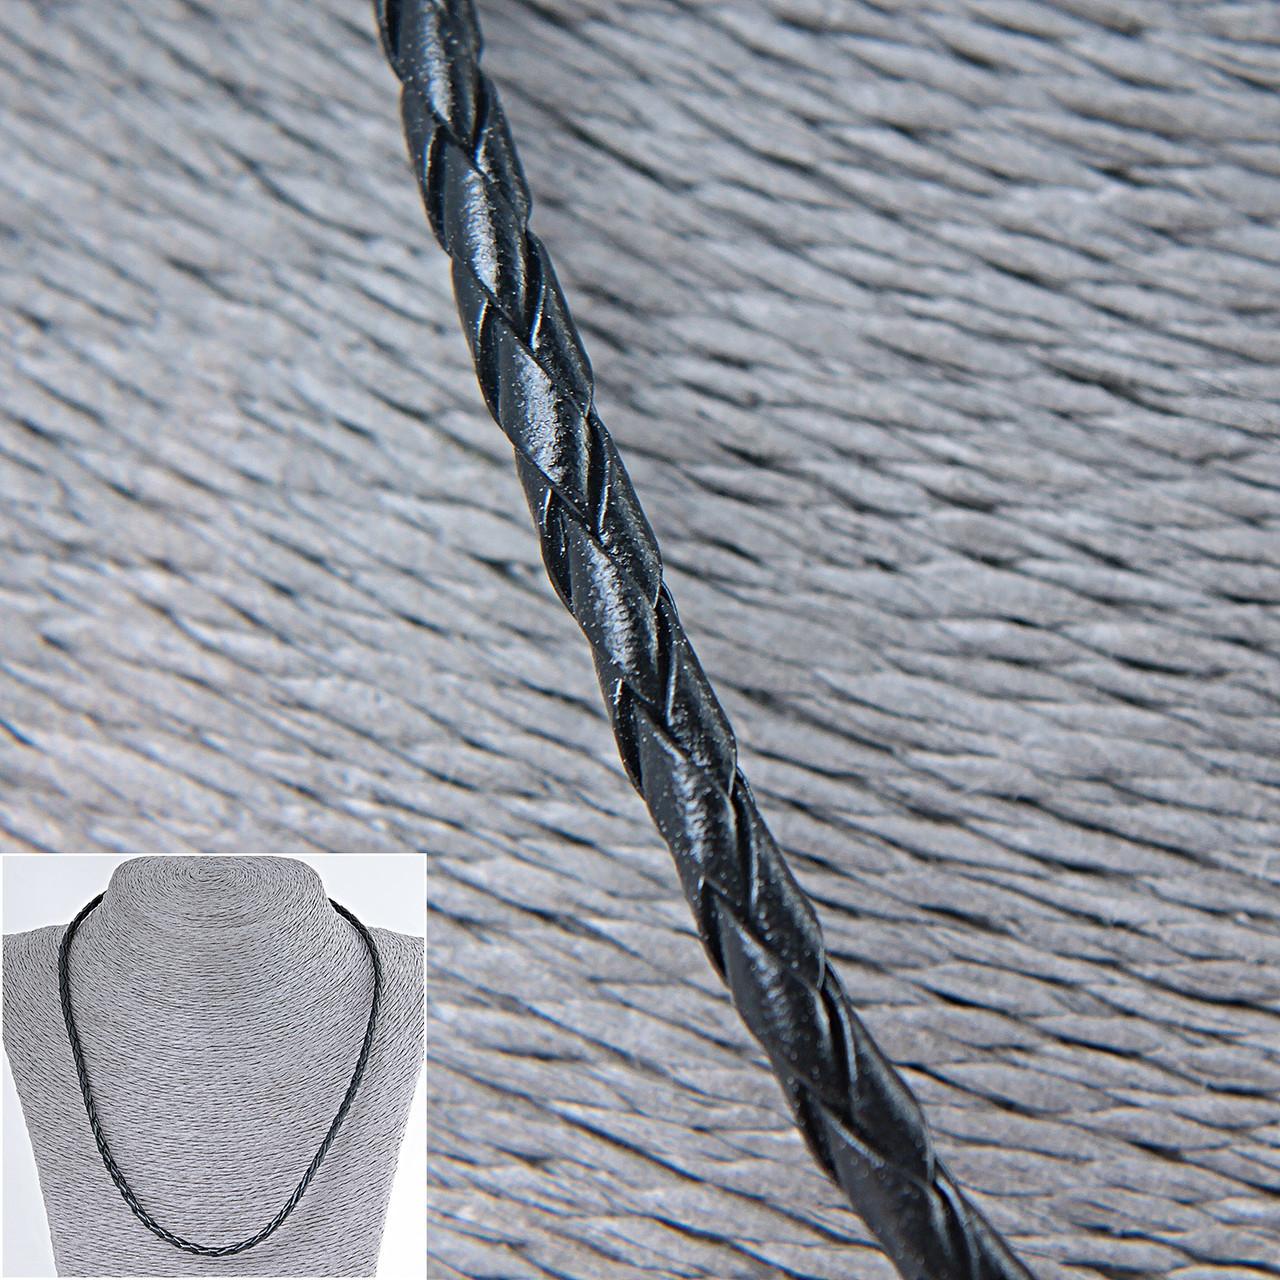 Шнурок плетённая кожа,50см - Интернет-магазин aba-opt в Одессе